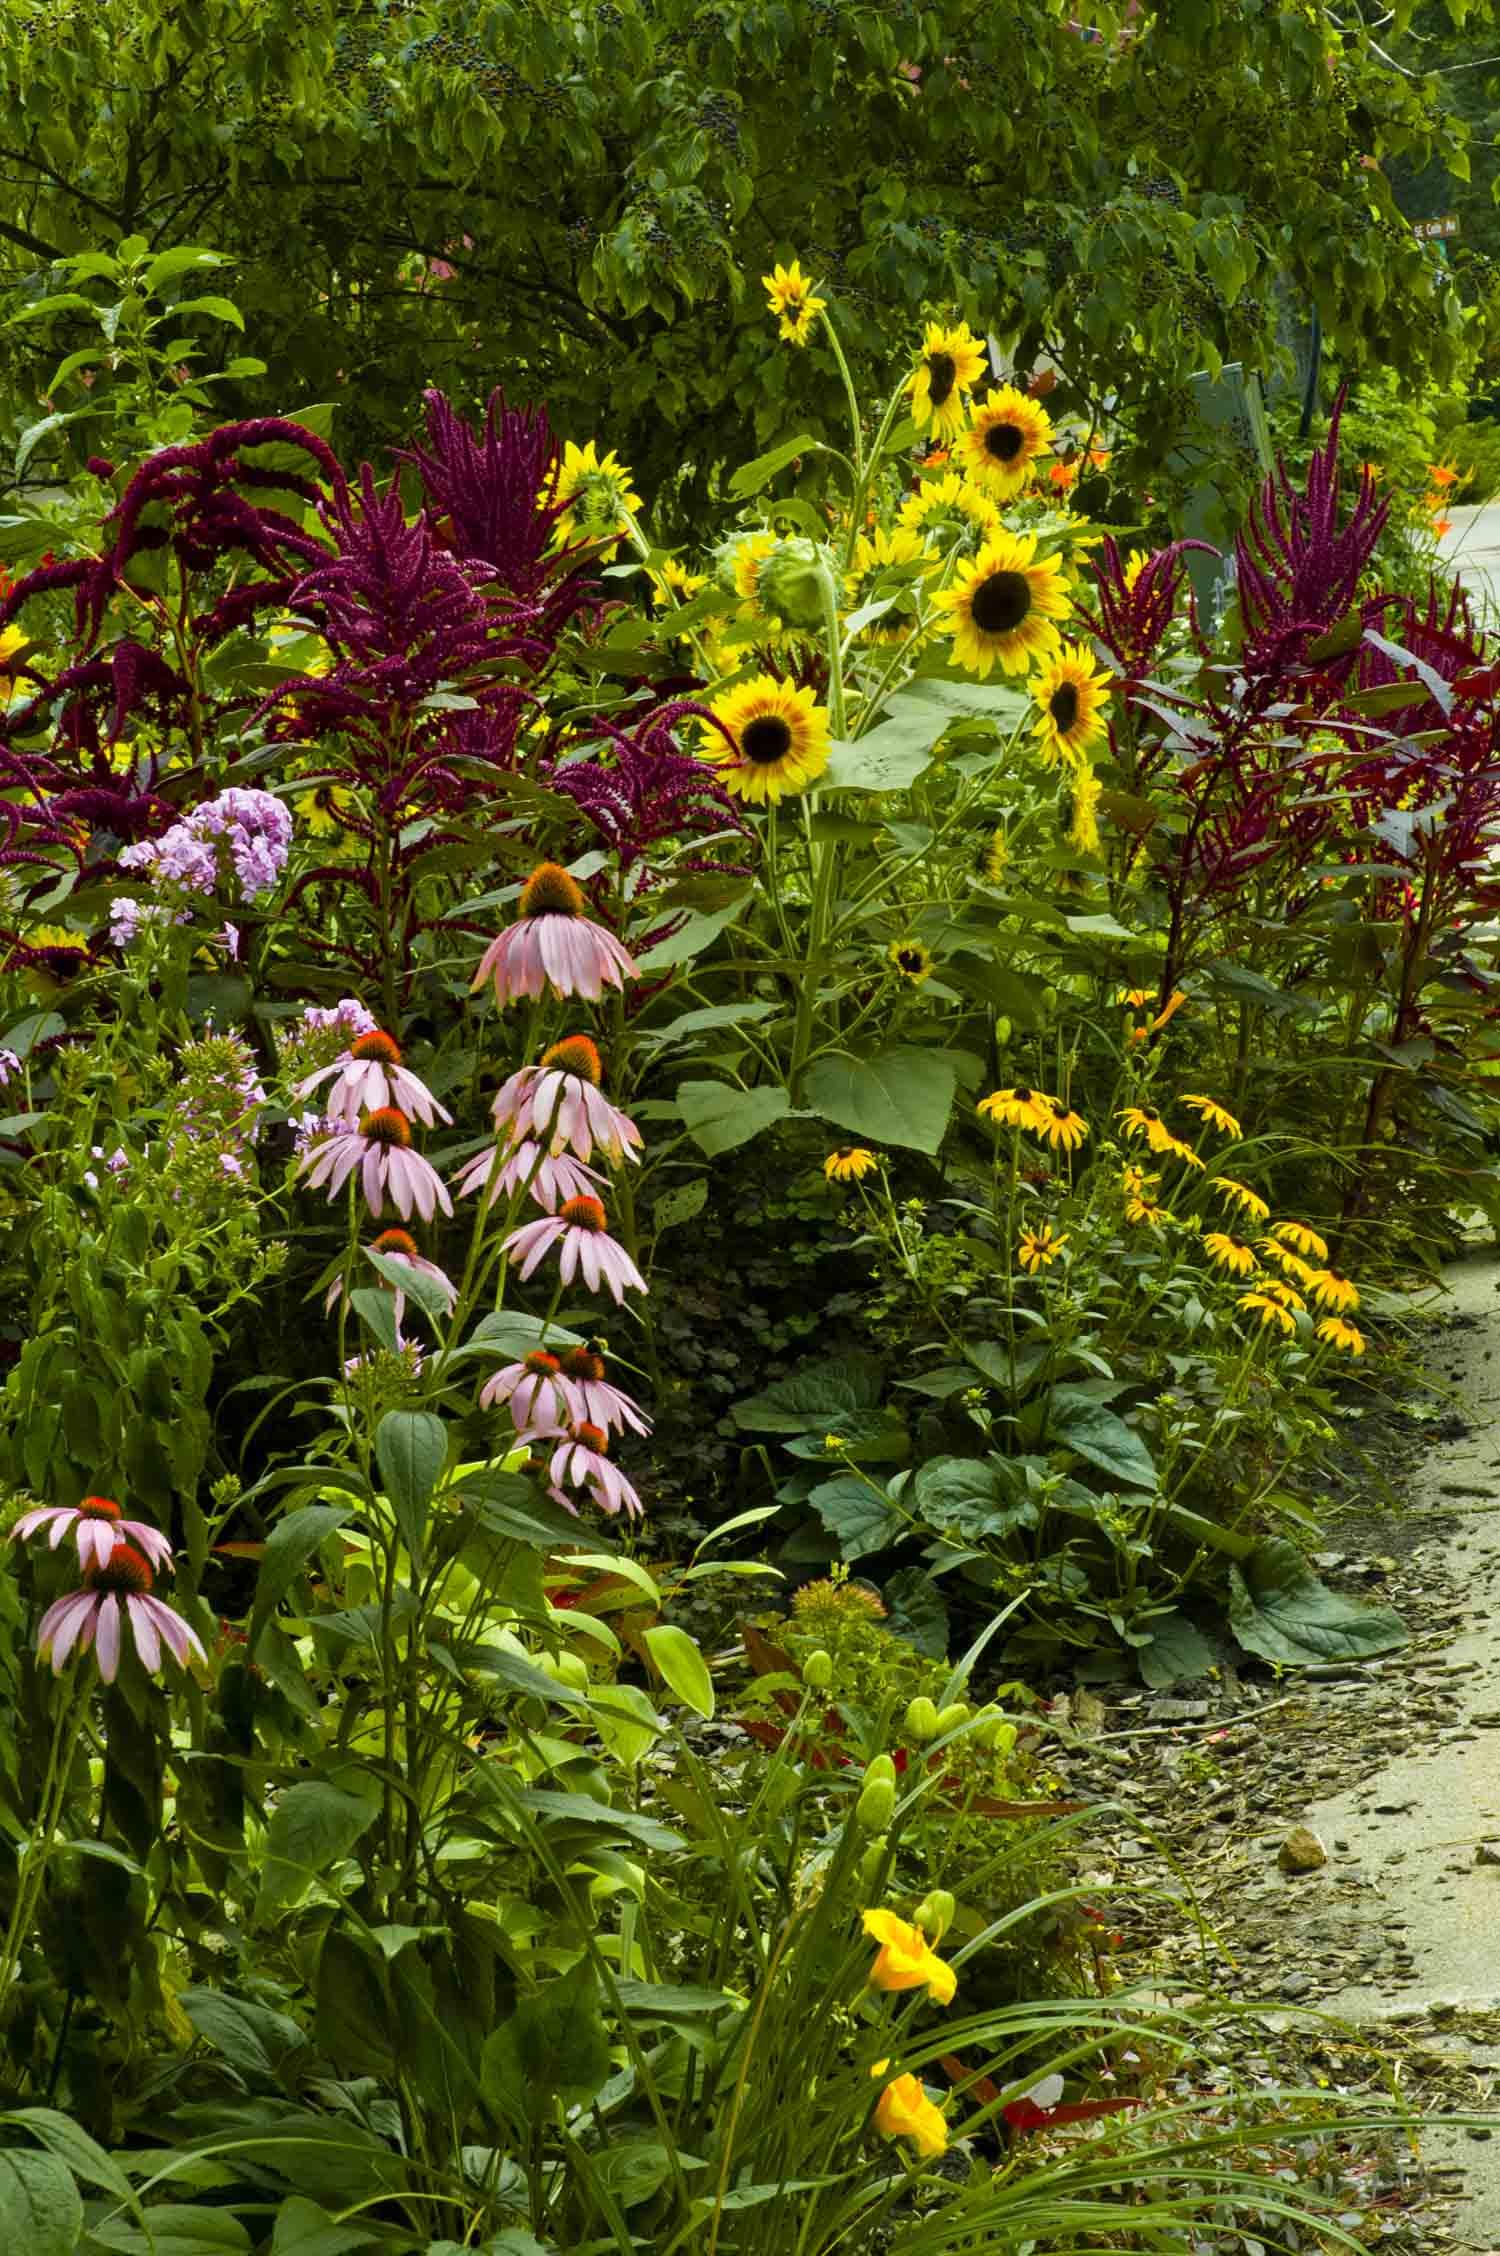 The Accord Native Garden in Van Cleve Park